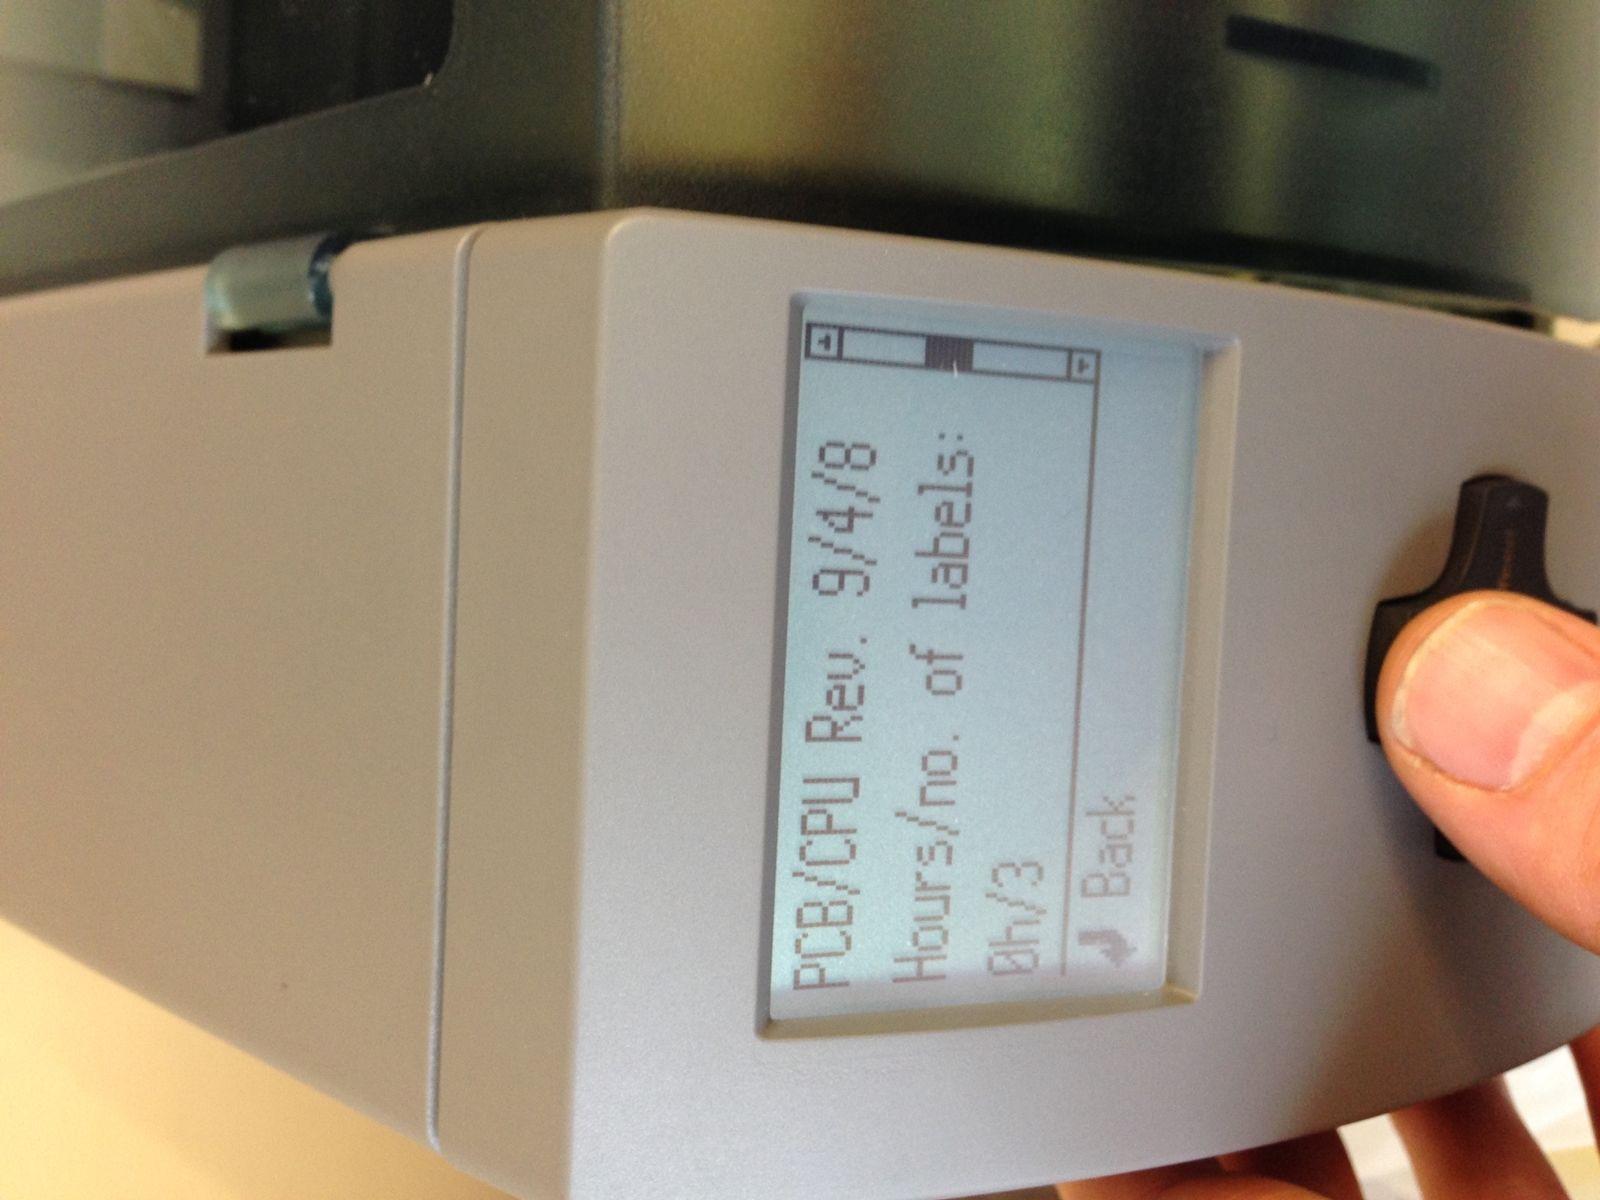 TE3124 Thermal Transfer Label Printer - Ex Demo